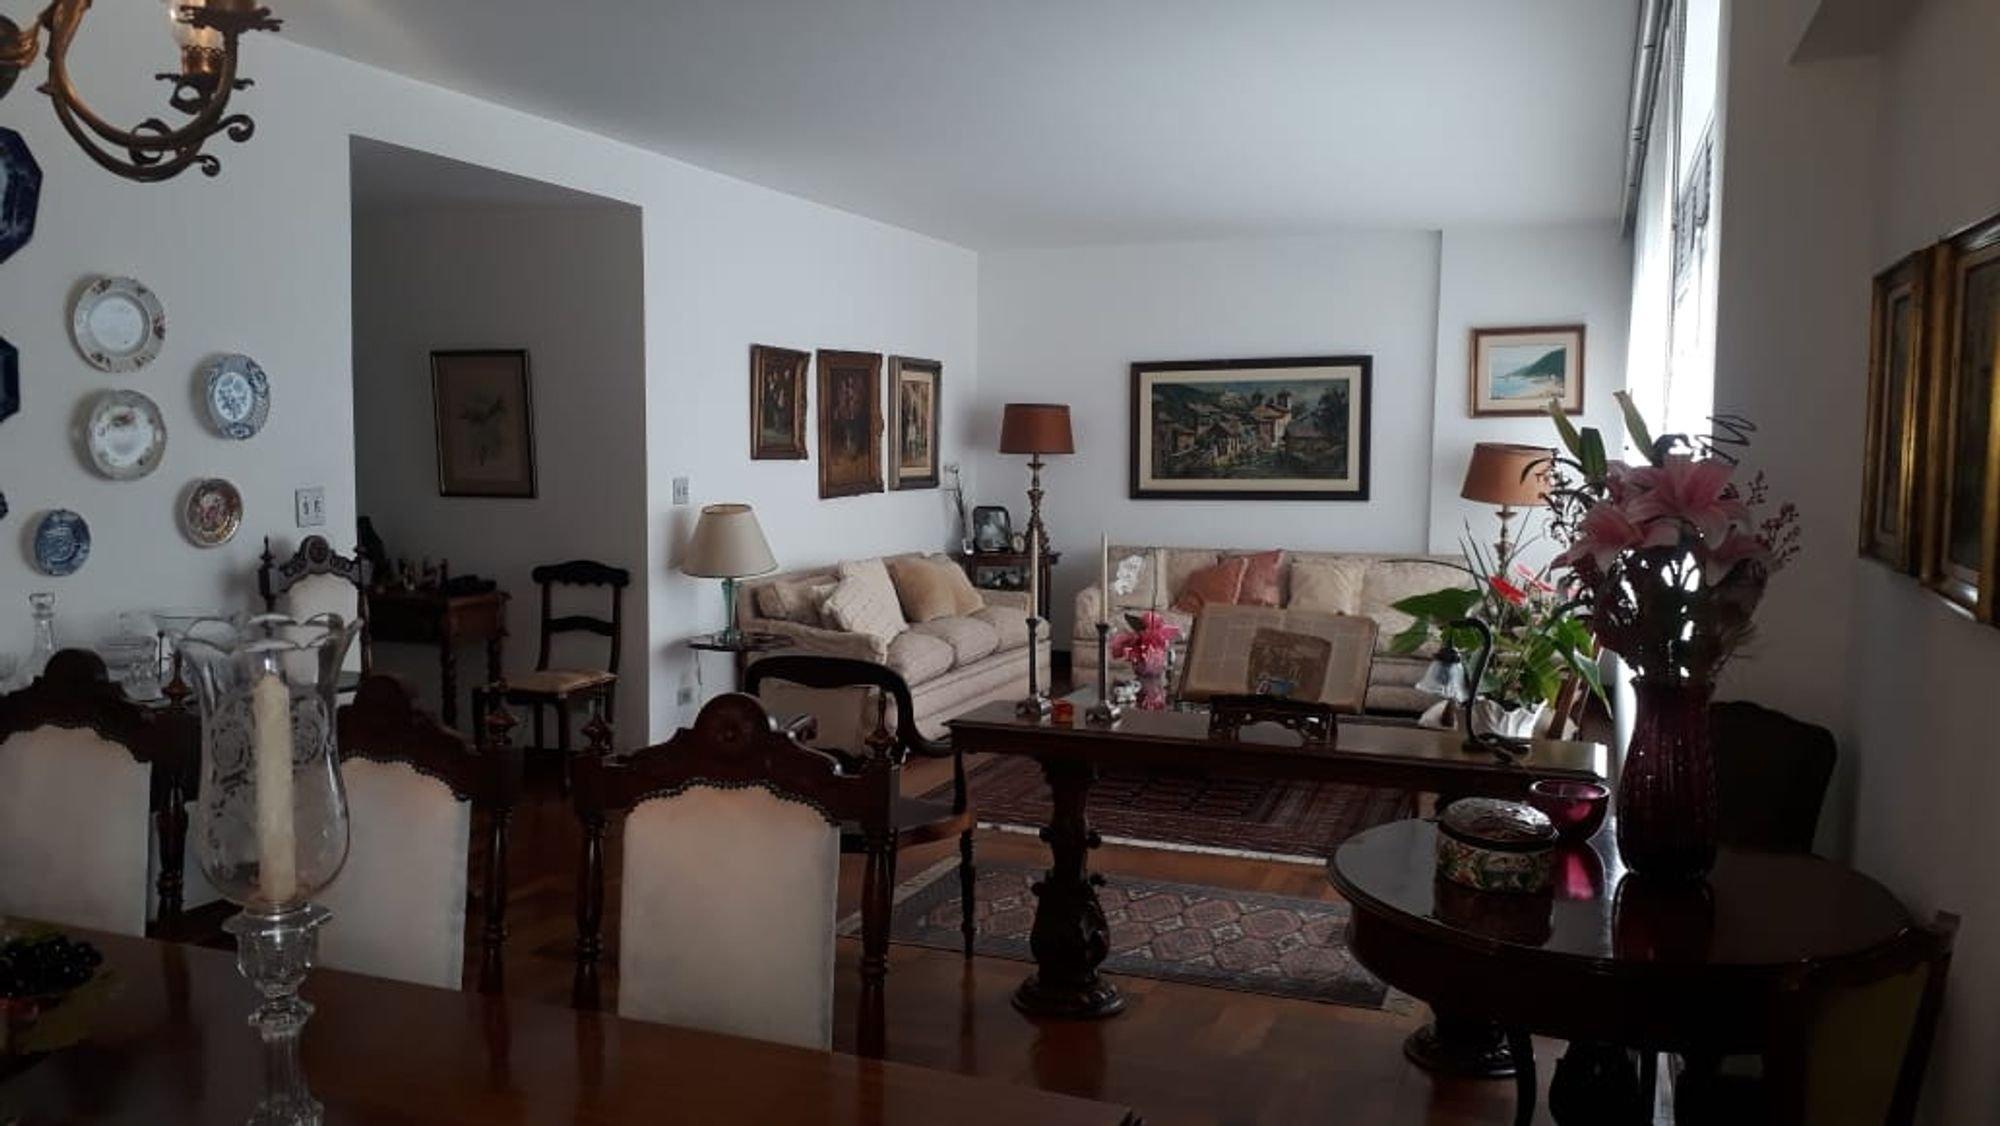 Foto de Hall com sofá, vaso, cadeira